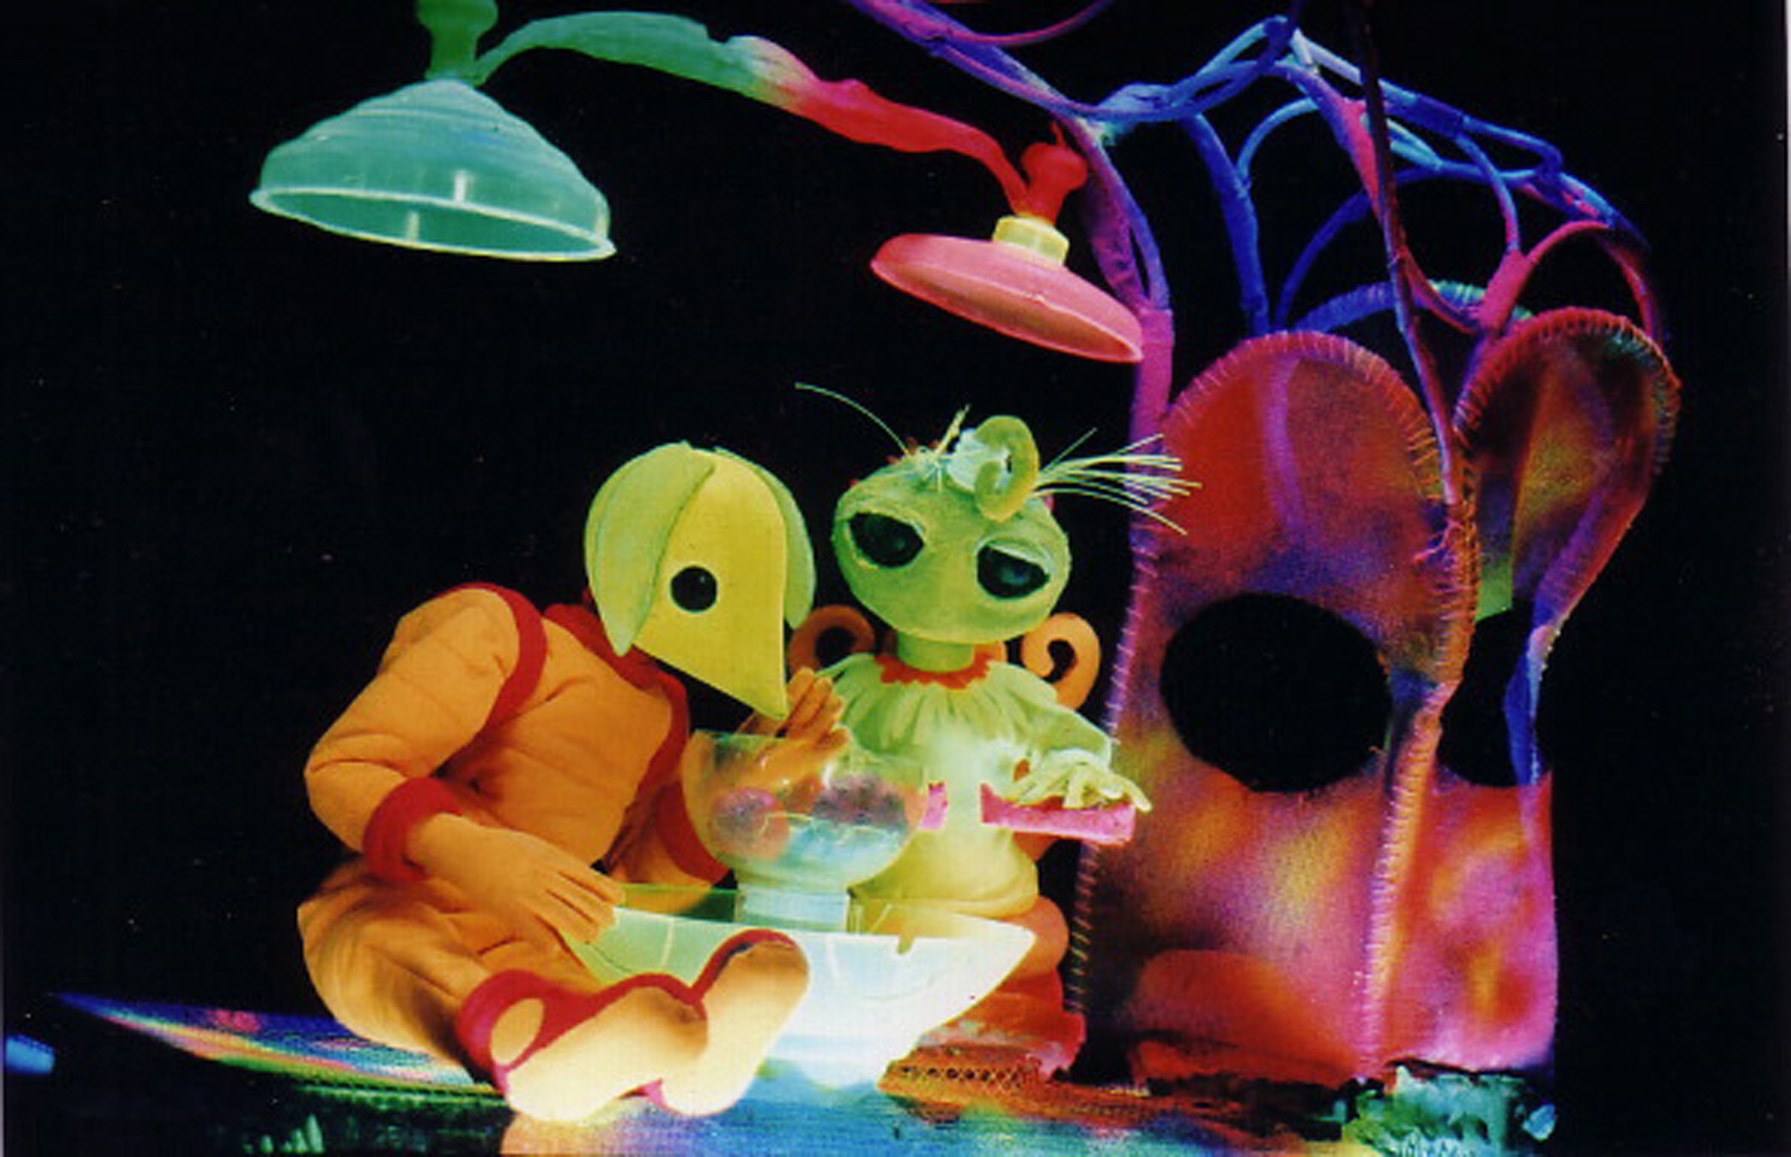 <em>Dre</em>amer ave<em>c</em> Alien, dans <em>Dre</em>amer in Spa<em>c</em>e (2003) par <em>Dre</em>am Puppets (Melbourne, Vi<em>c</em>toria, Australie), mise en s<em>c</em>ène, <em>c</em>on<em>c</em>eption, <em>c</em>onstru<em>c</em>tion de marionnettes et manipulation : Ri<em>c</em>hard Hart et Julia Davis. Lumière ultra violette / théâtre noir. Photo: Richard Hart